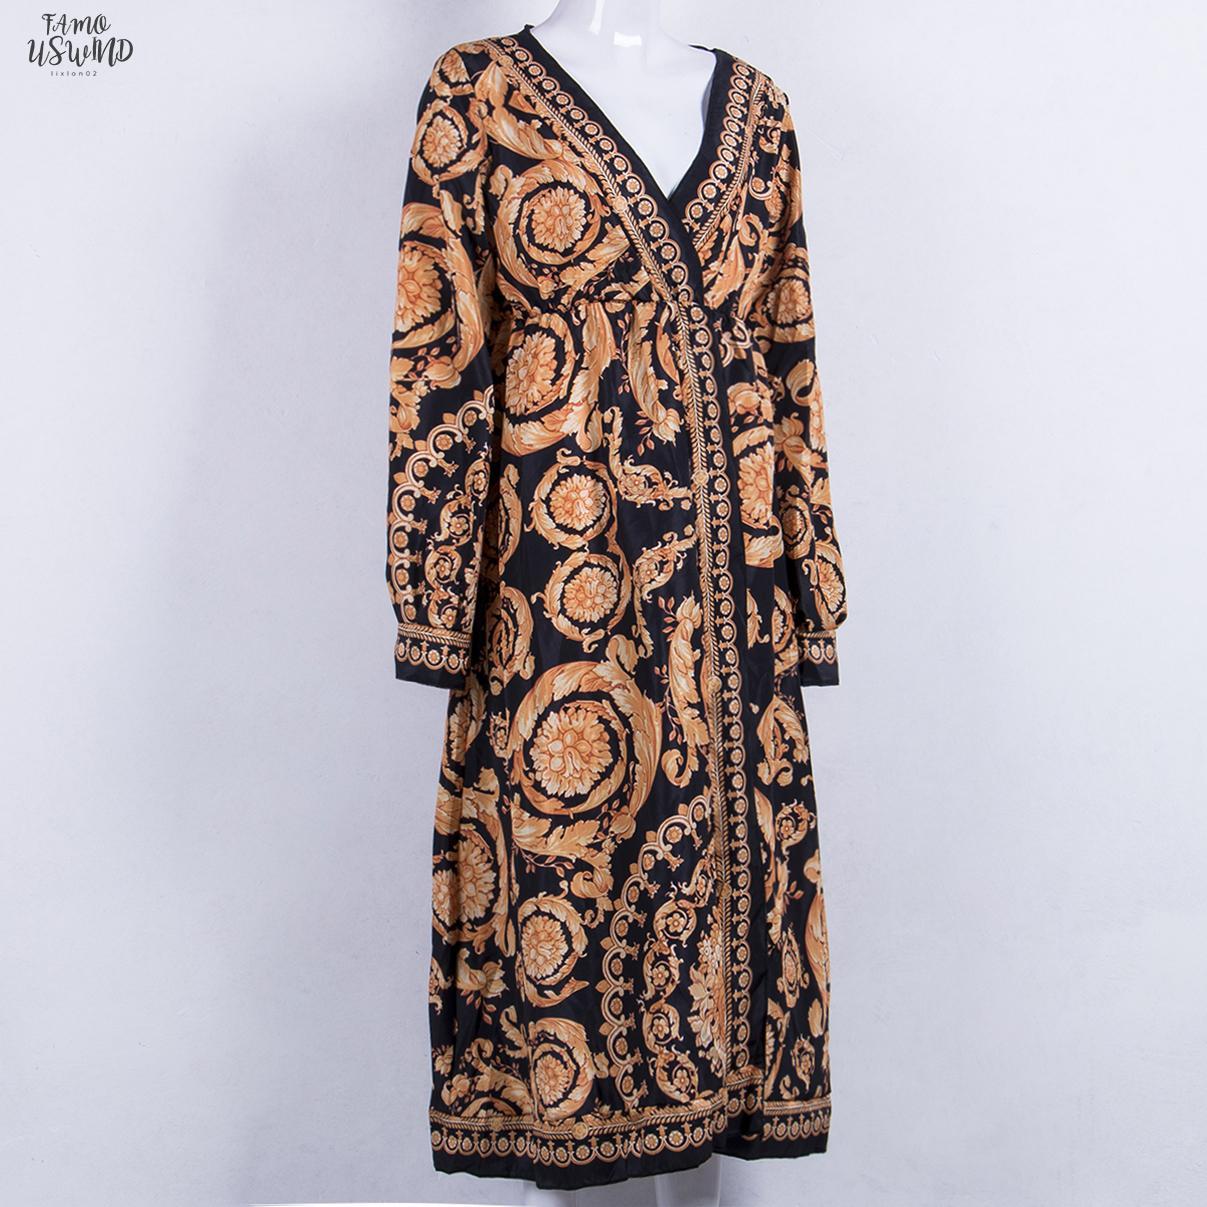 2020 Mais novo estilo moda elegante Mulheres Sexy profunda V Neck Floral Imprimir vestido de festa Formal Vestido Longo Tamanho S Xl